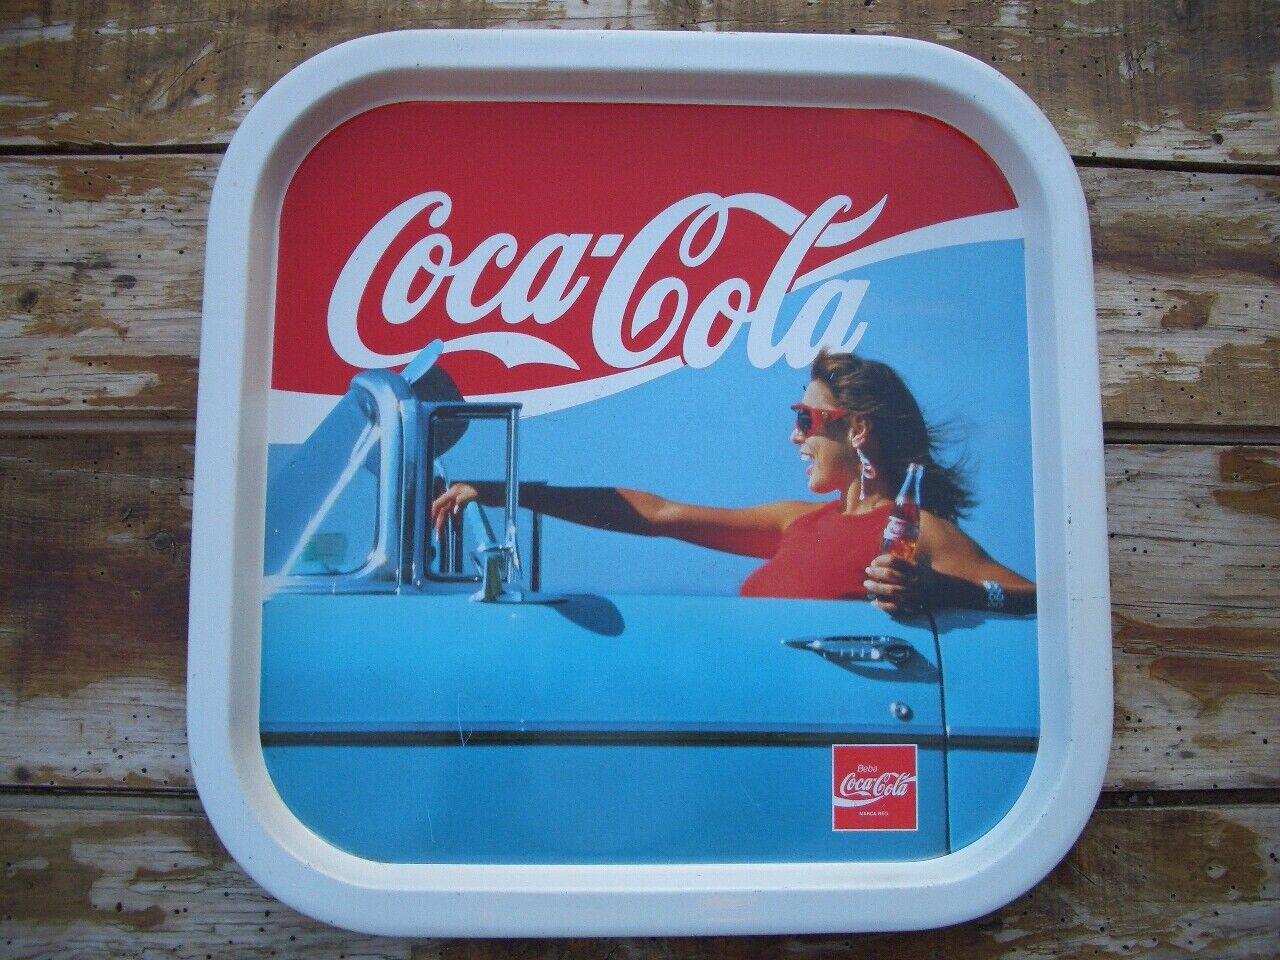 BANDEJA COCA COLA TRAY VINTAGE ANTIGUA COCACOLA ORIGINAL COCA-COLA COKE